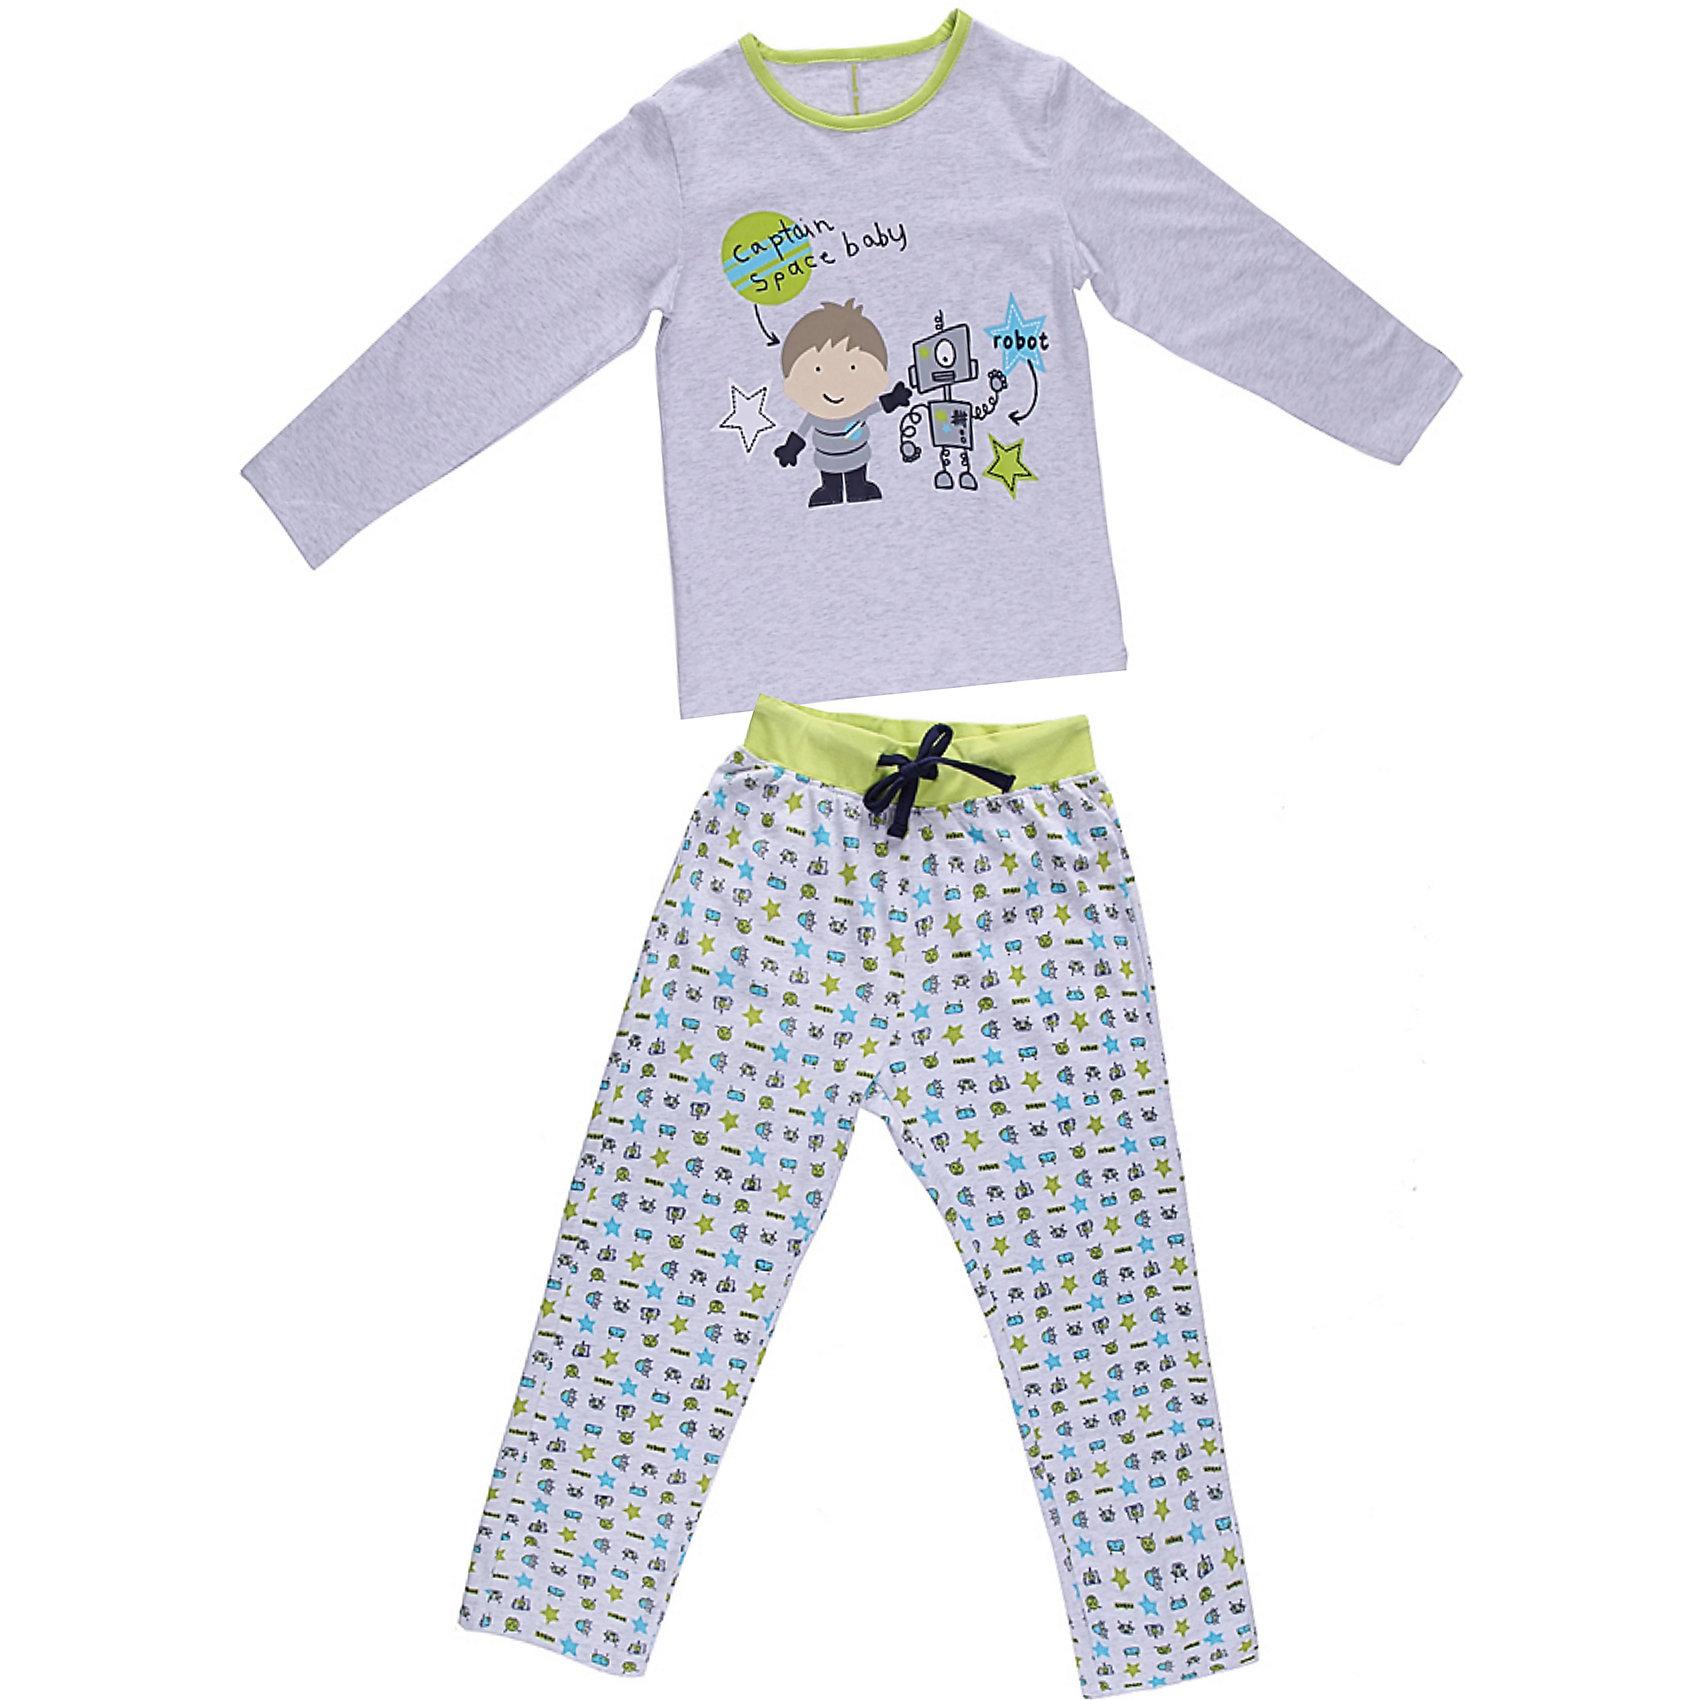 Пижама для мальчика Sweet BerryКомплект футболка с длинным рукавом и брюки из тонкого трикотажа для сна и дома. Брюки на поясе с внутренней резинкой и дополнительным хлопковым шнурком. Состав: 95% хлопок 5% эластан<br><br>Ширина мм: 281<br>Глубина мм: 70<br>Высота мм: 188<br>Вес г: 295<br>Цвет: серый<br>Возраст от месяцев: 60<br>Возраст до месяцев: 72<br>Пол: Мужской<br>Возраст: Детский<br>Размер: 122,116,128,140,104,134,98,110<br>SKU: 4632975